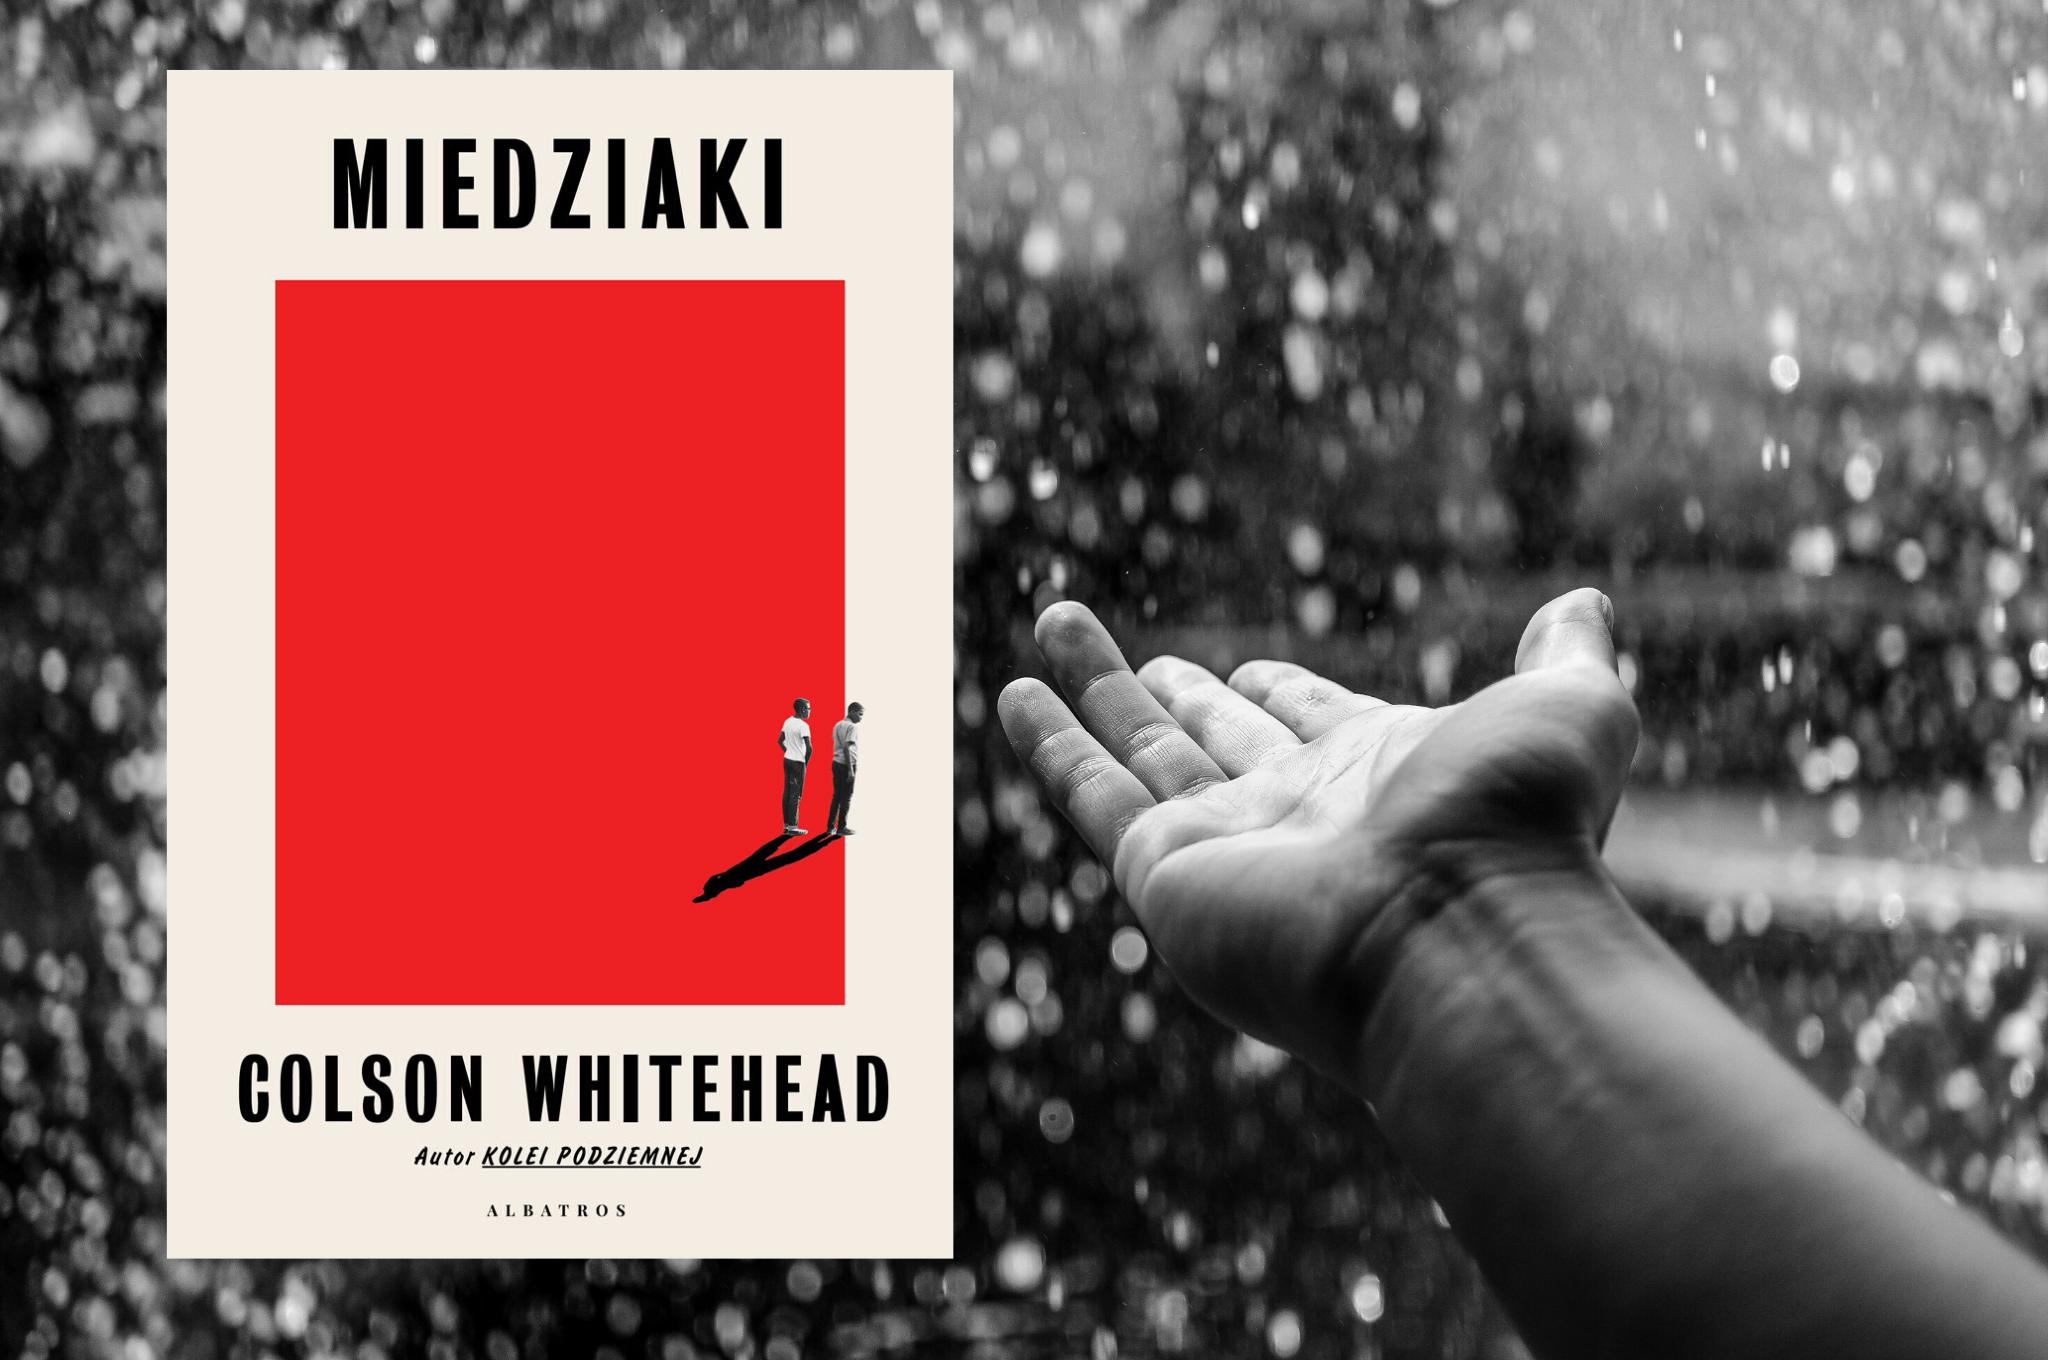 """COLSON WHITEHEAD """"MIEDZIAKI"""""""